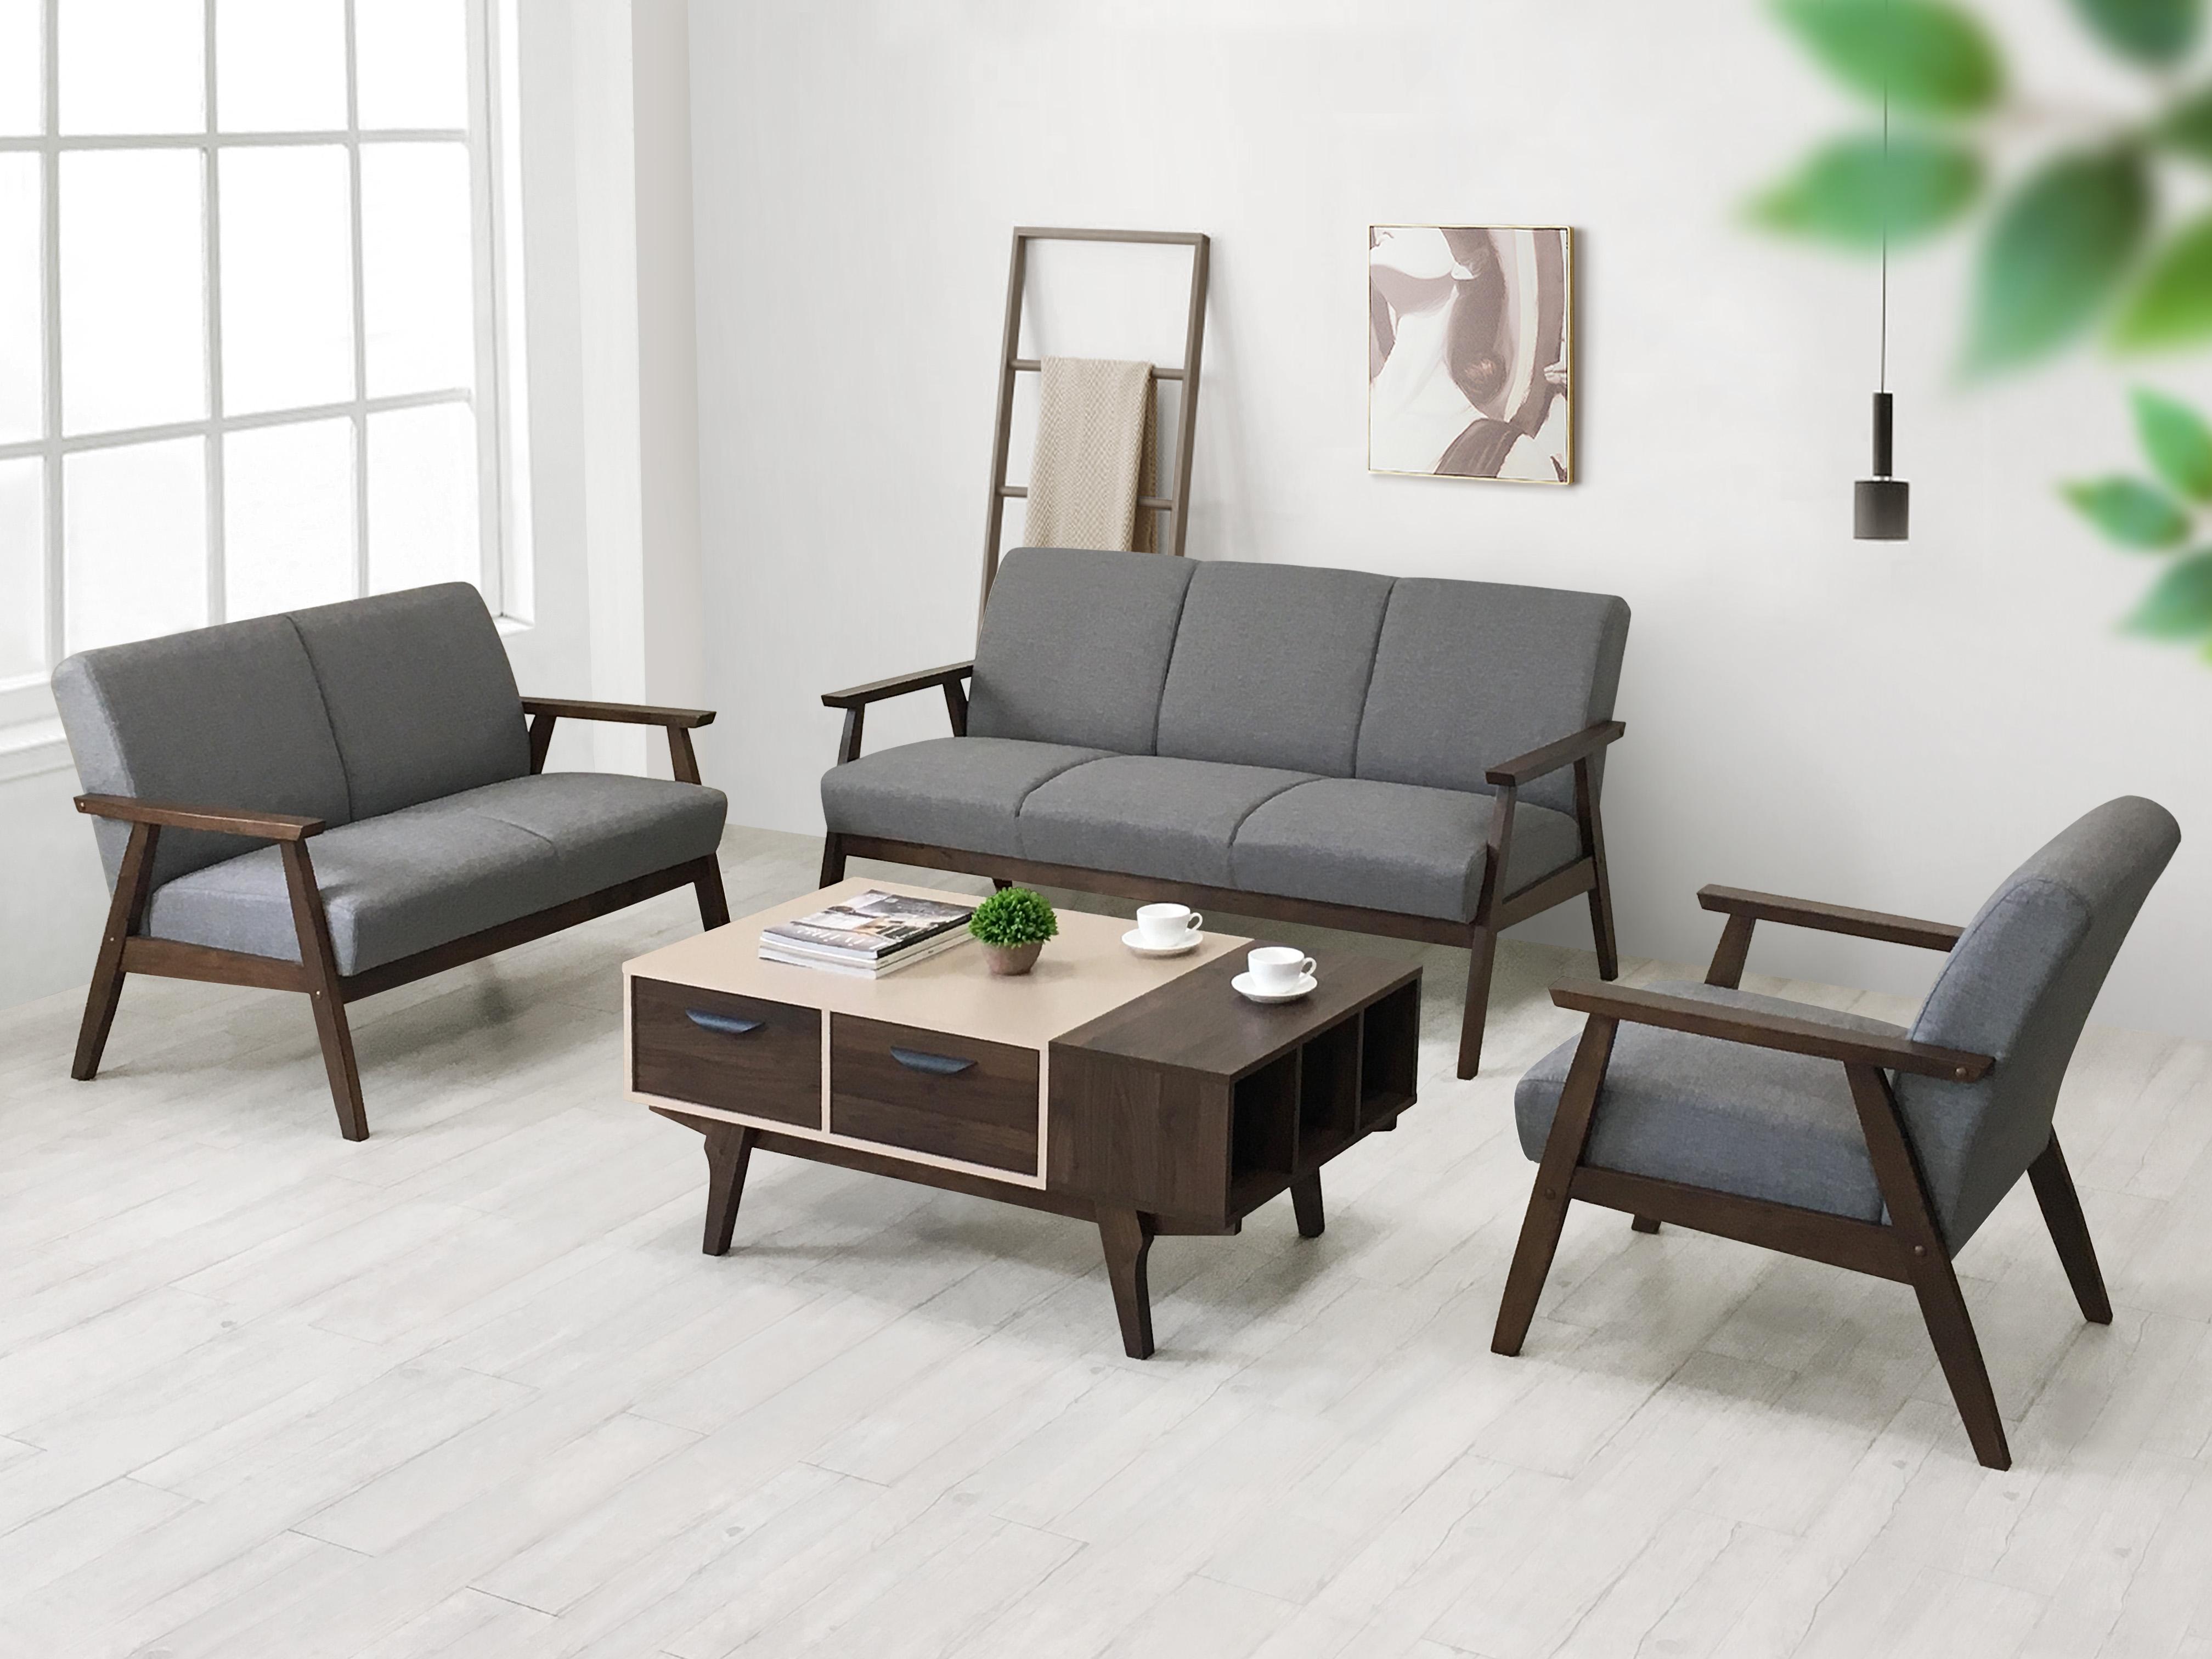 《波頓》618年中慶  快速出貨 WFH 在家工作《波頓》618年中慶 雙人沙發 木製沙發 布沙發 二人沙發 二人座 二人位 亞麻布 木扶手 橡膠木 現代 簡約 【新生活家具】